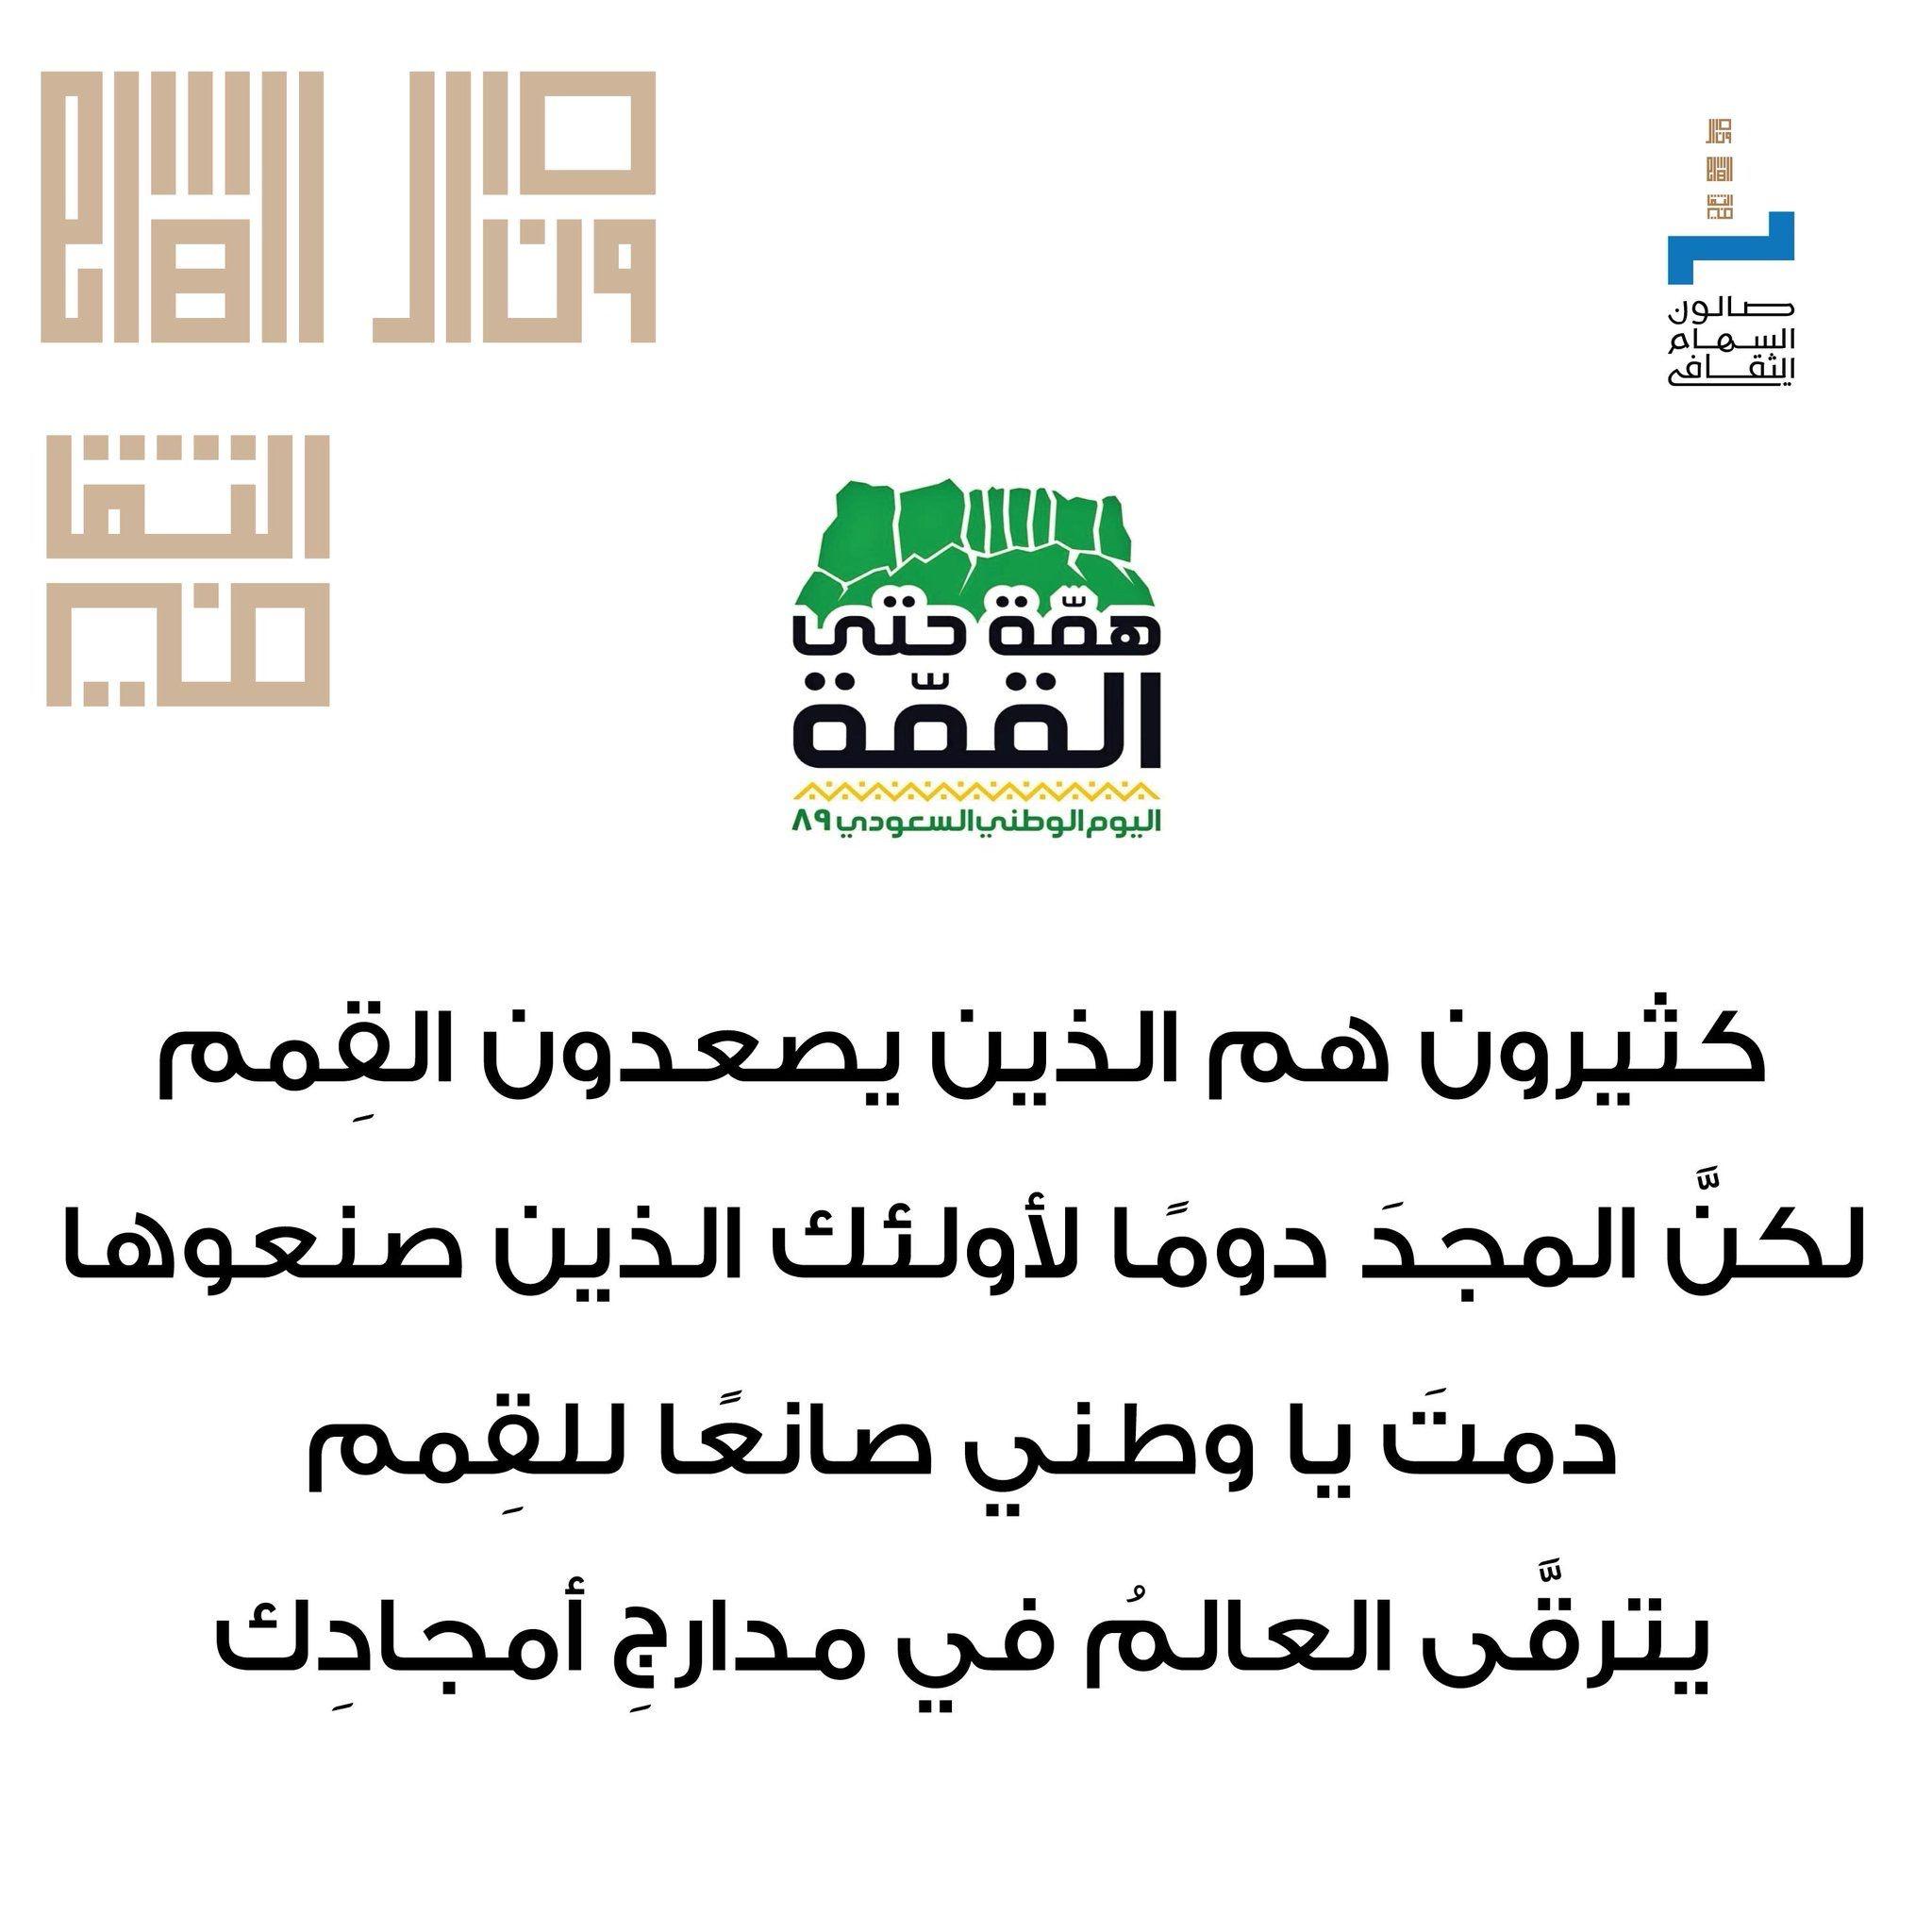 اليوم الوطني للمملكة العربي ة السعودي ة Periodic Table